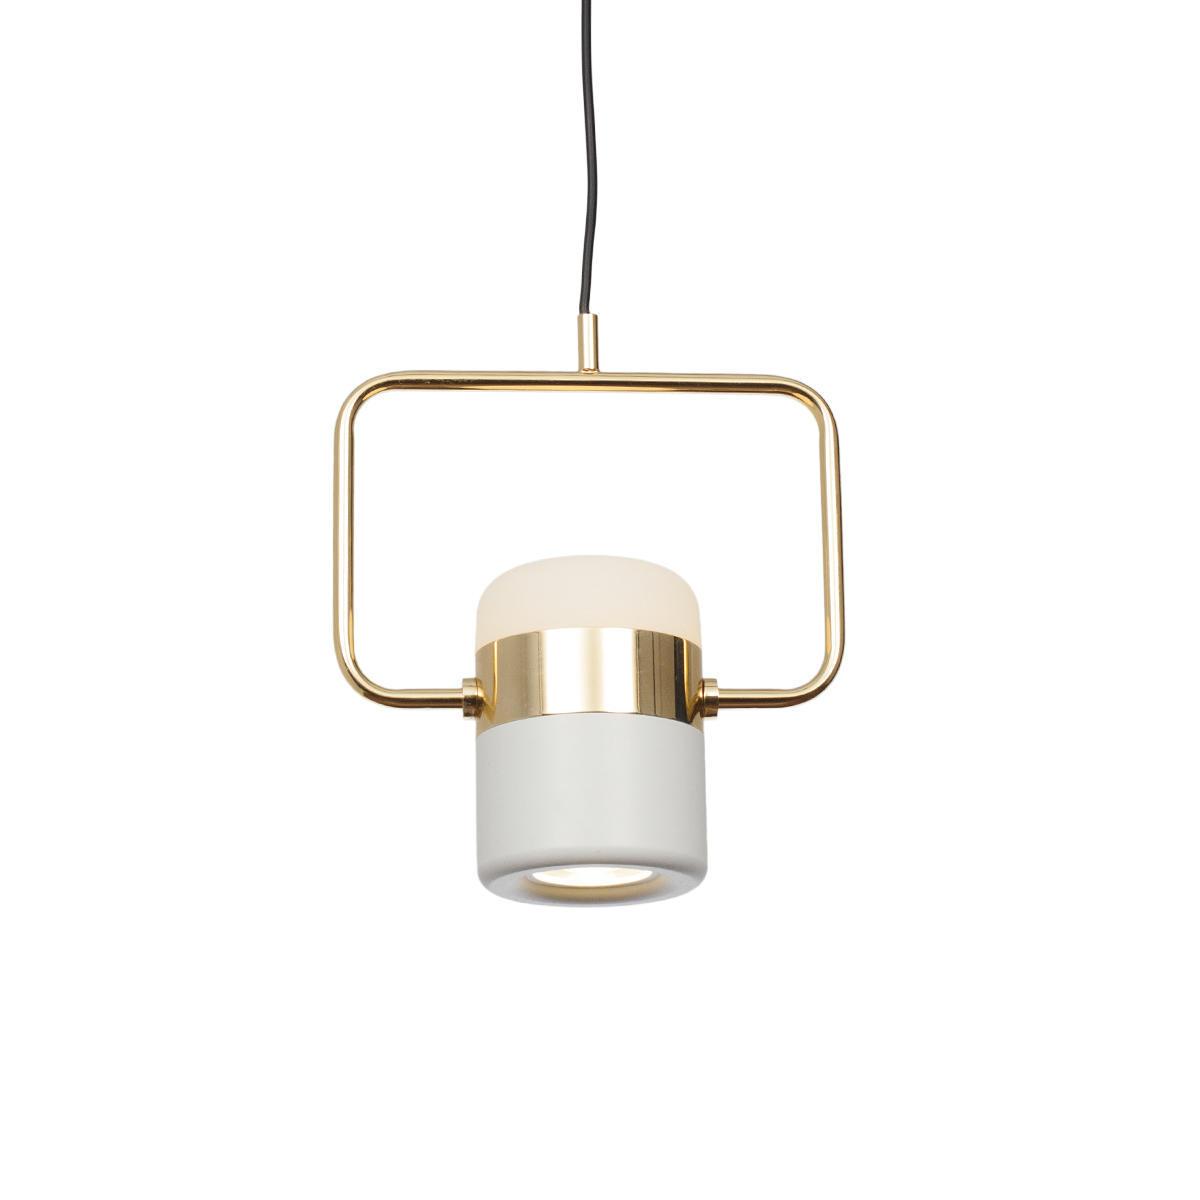 Подвесной светодиодный светильник Loft It Ling 8119-B, LED 8W, золото, белый, металл, металл с пластиком - фото 2